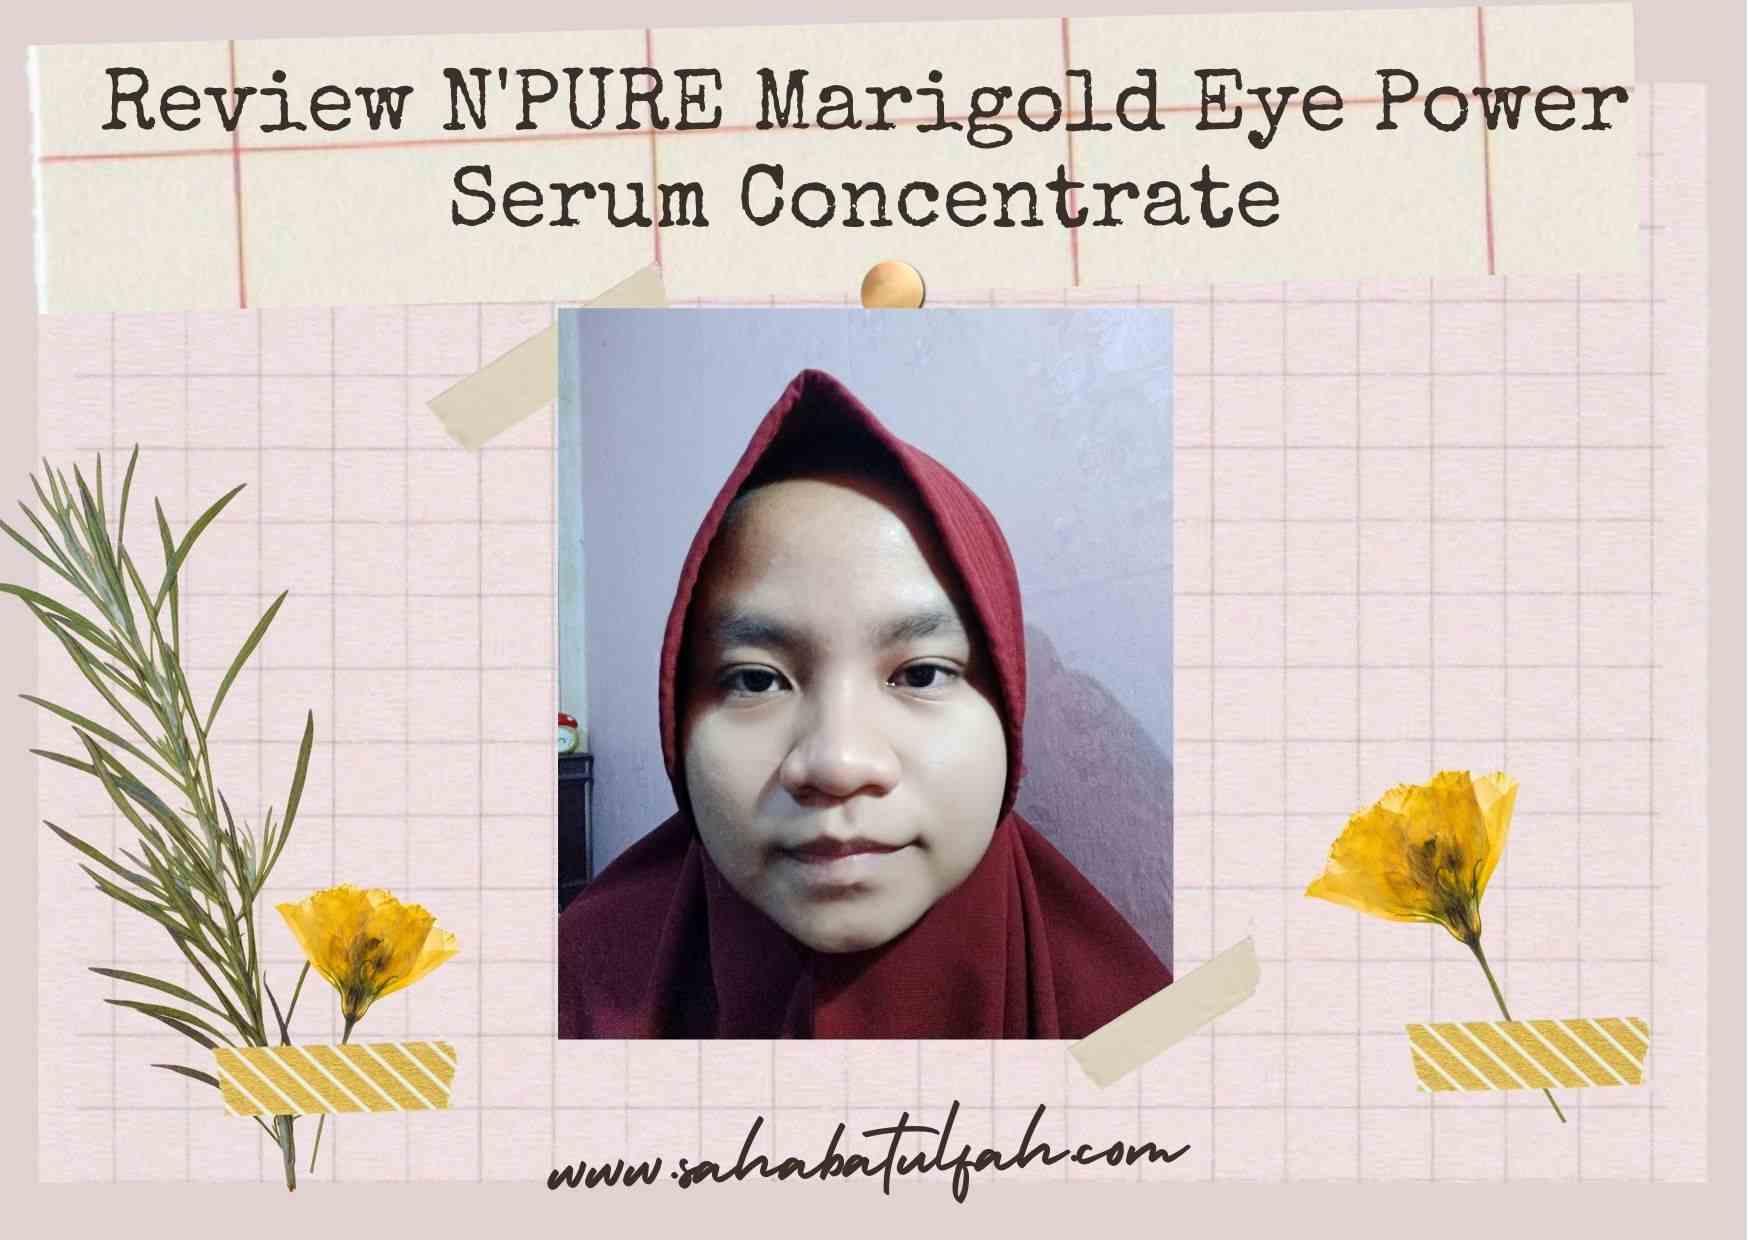 N'PURE-Marigold-Eye-Serum